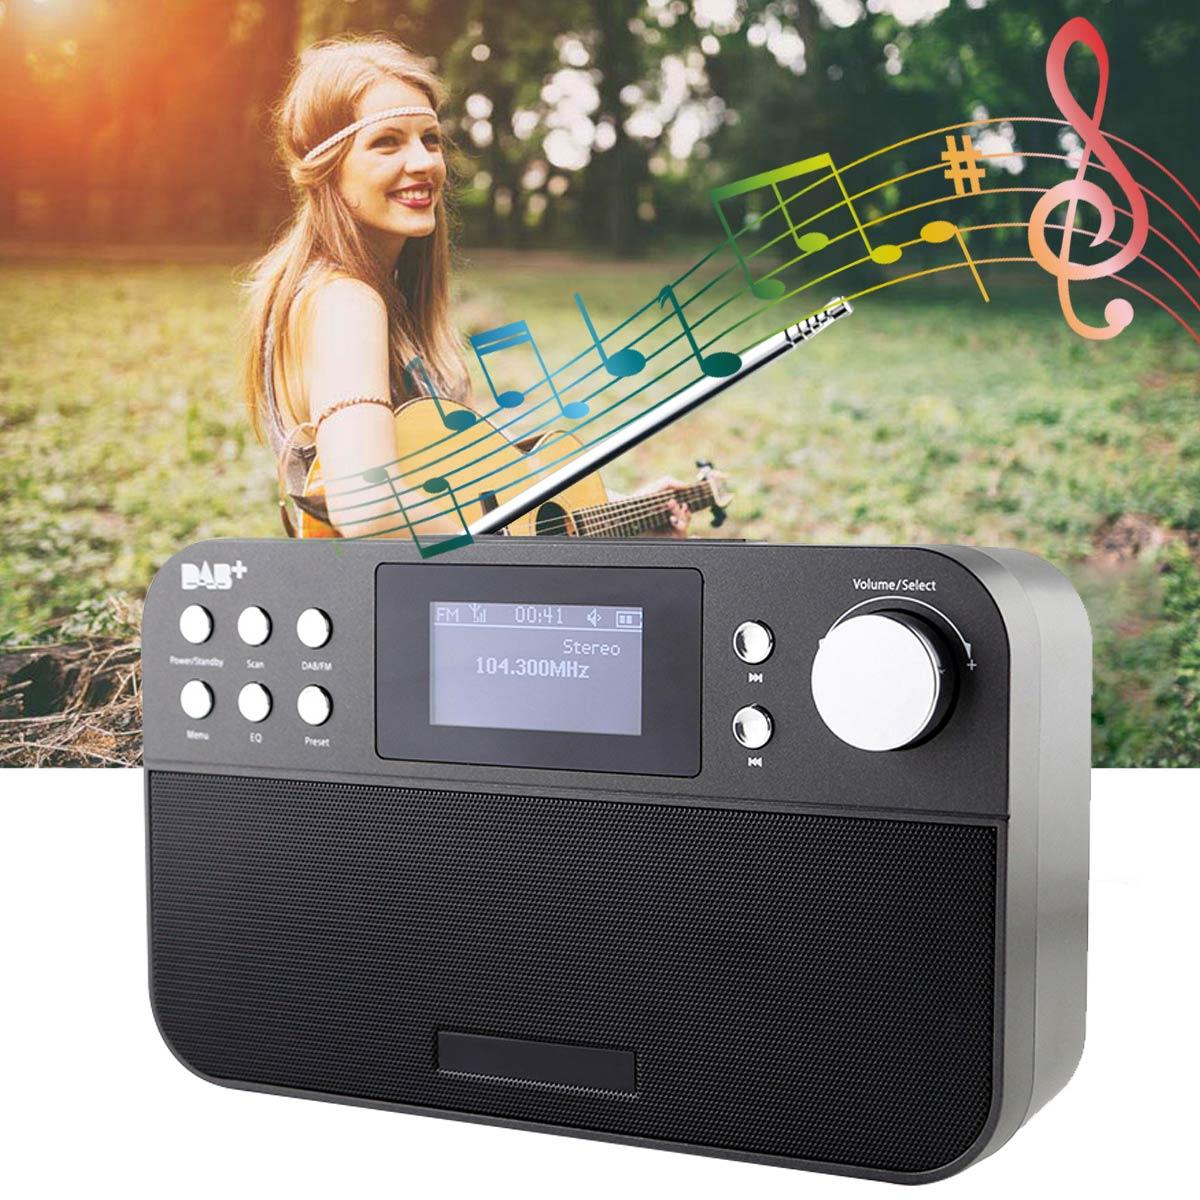 Portable 2.4 pouces Radio numérique haut-parleur de musique Support FM + DAB Radio avec LCD horloge numérique Snooze fonction d'alarme décor à la maison